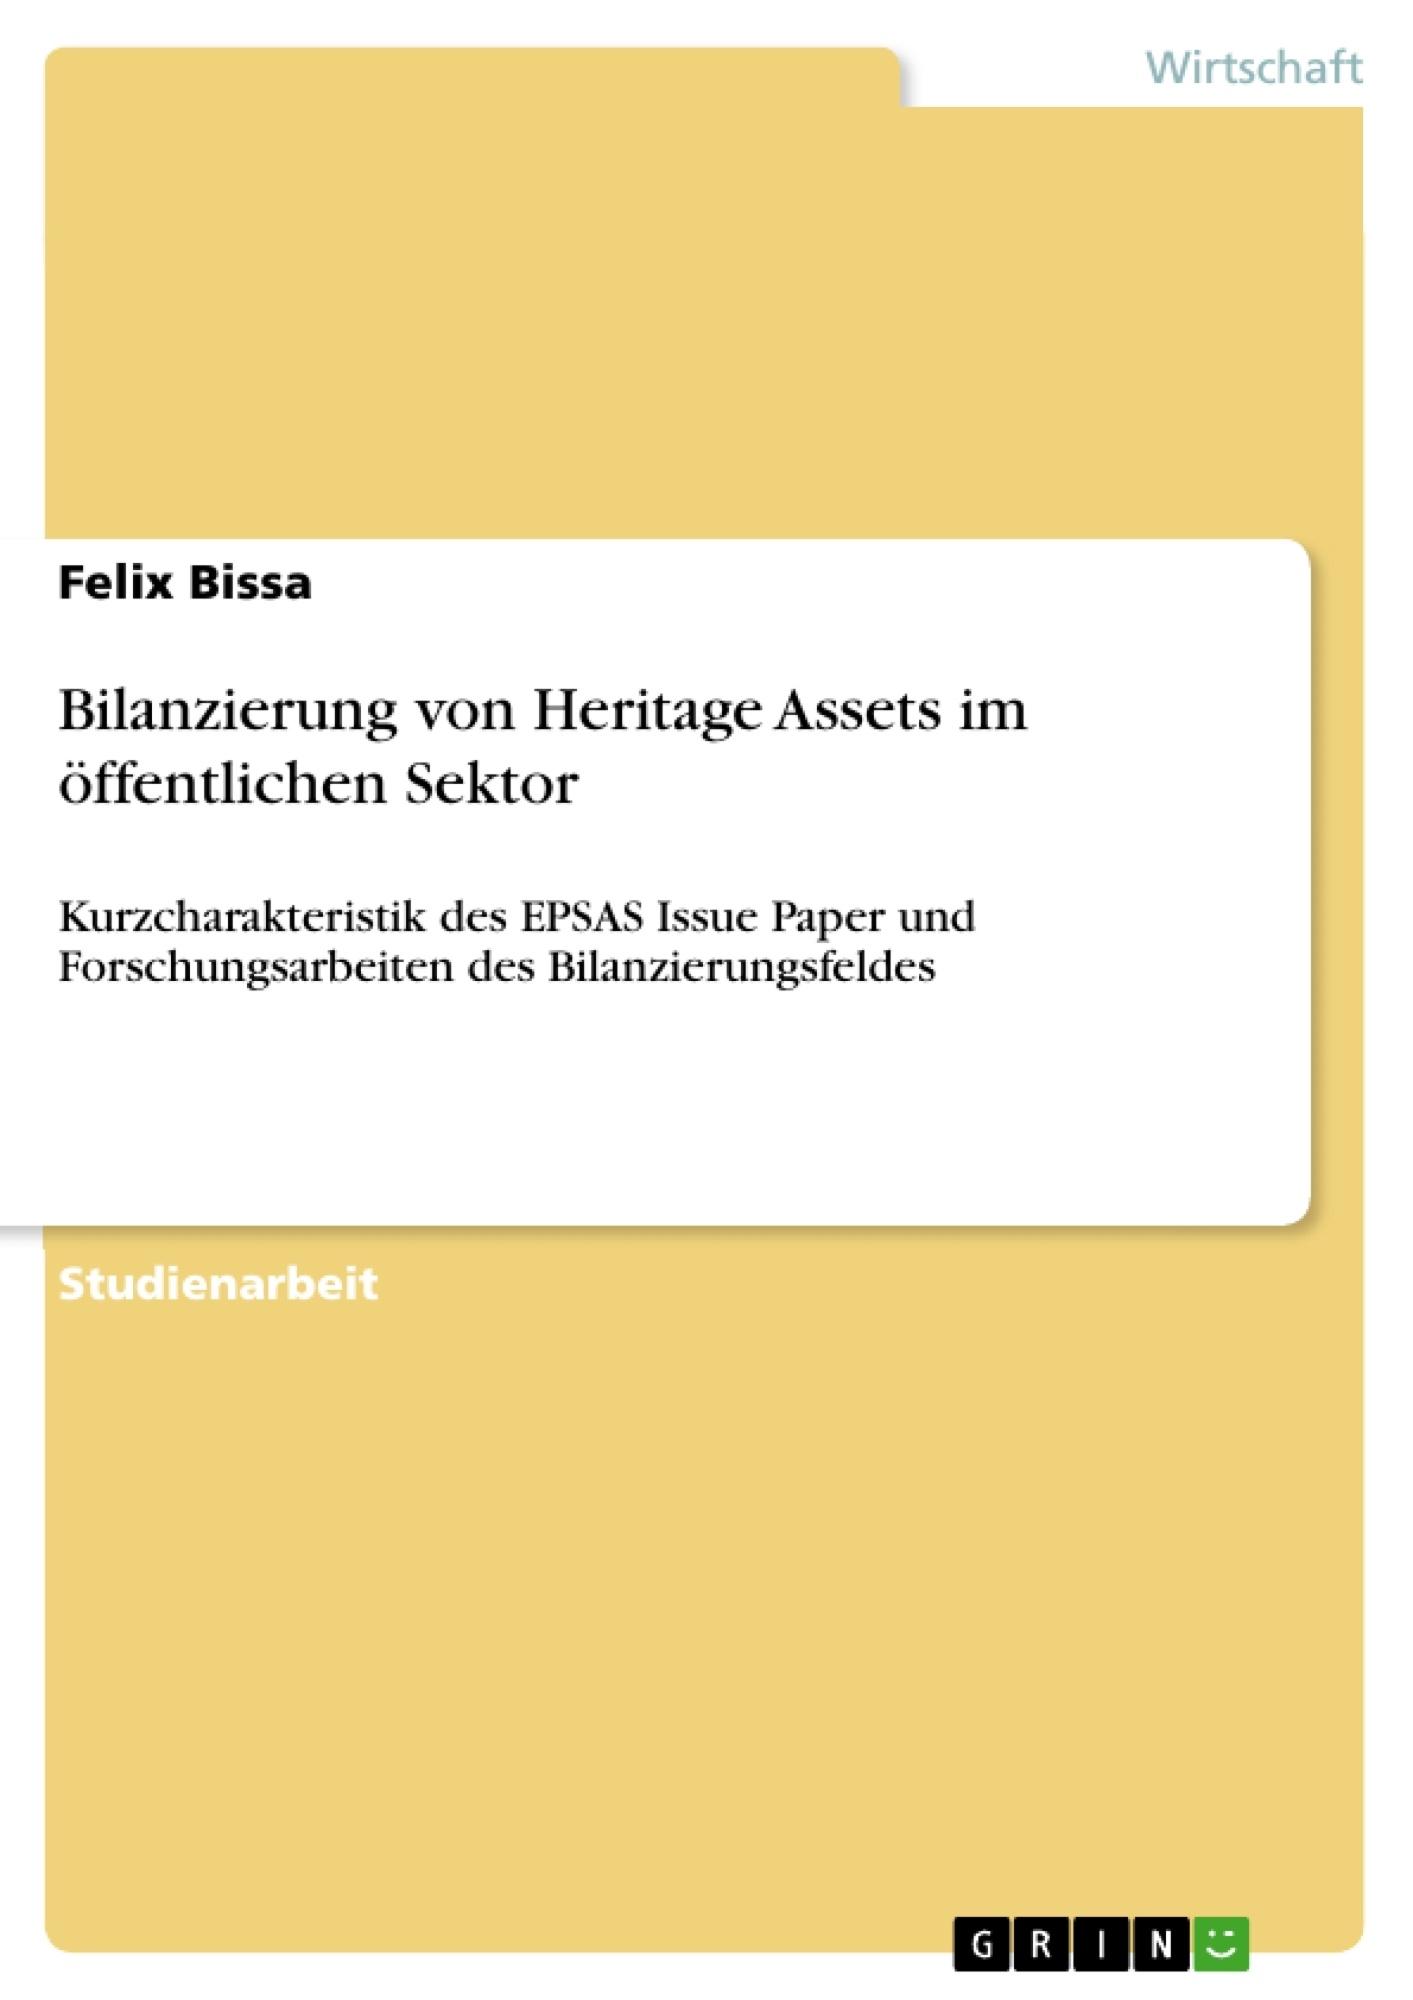 Titel: Bilanzierung von Heritage Assets im öffentlichen Sektor